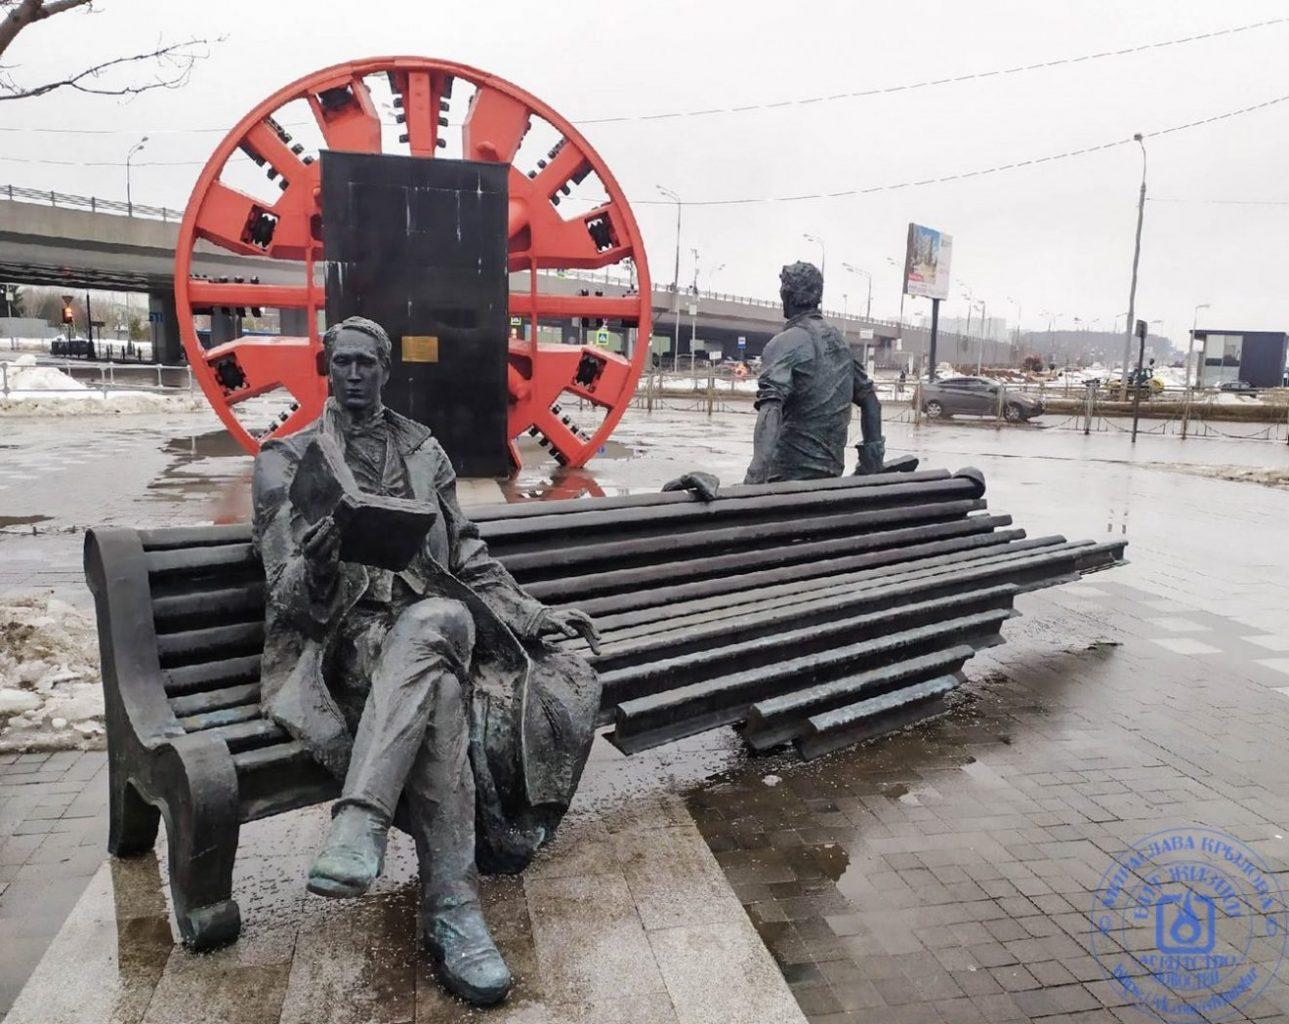 Скульптурная композиция у входа станции метро Рассказовка